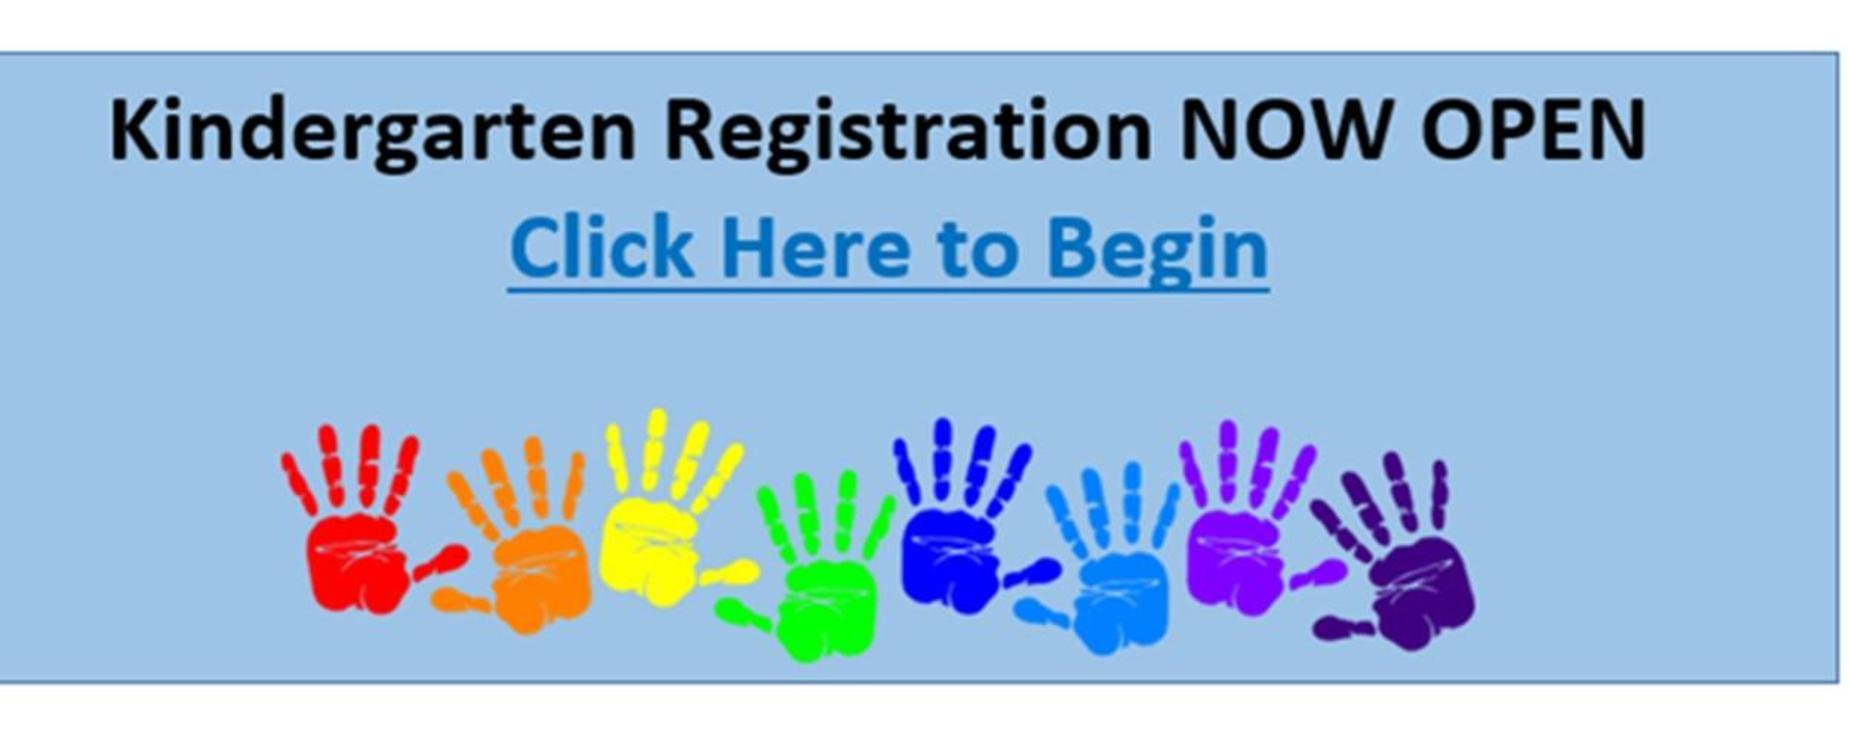 Kinder Registration NOW OPEN